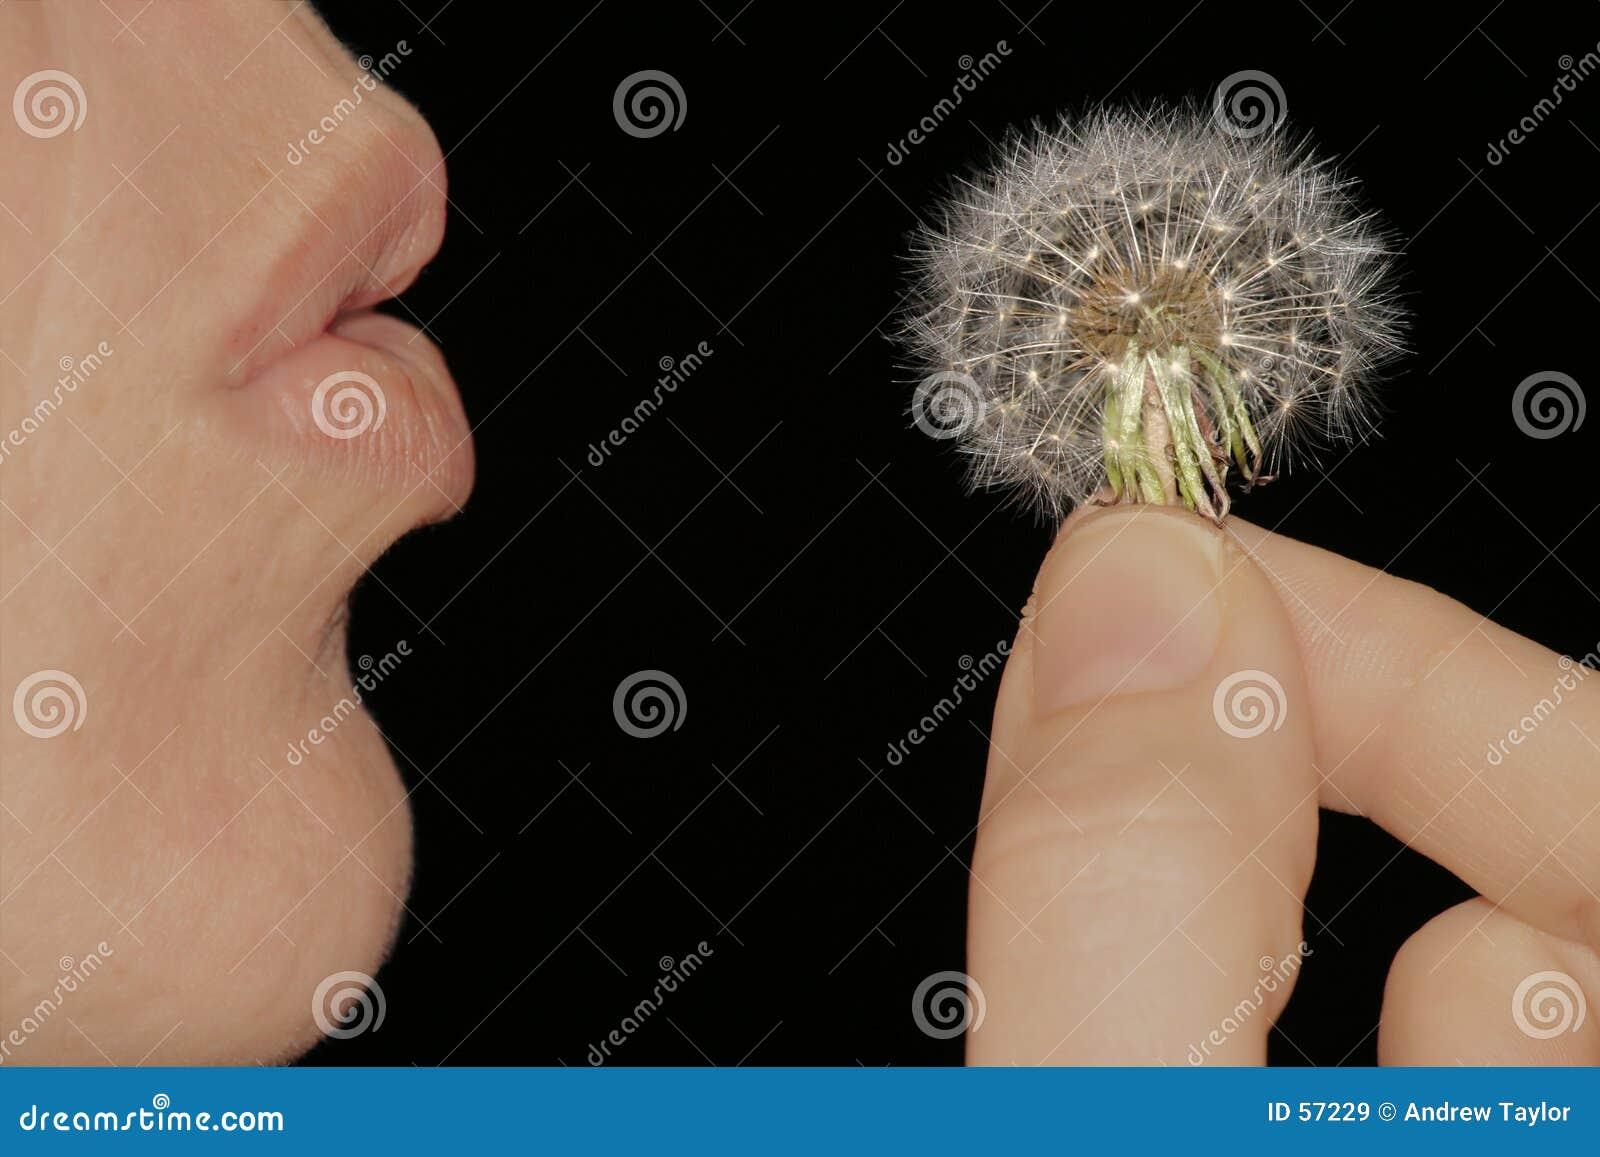 Maak een wens